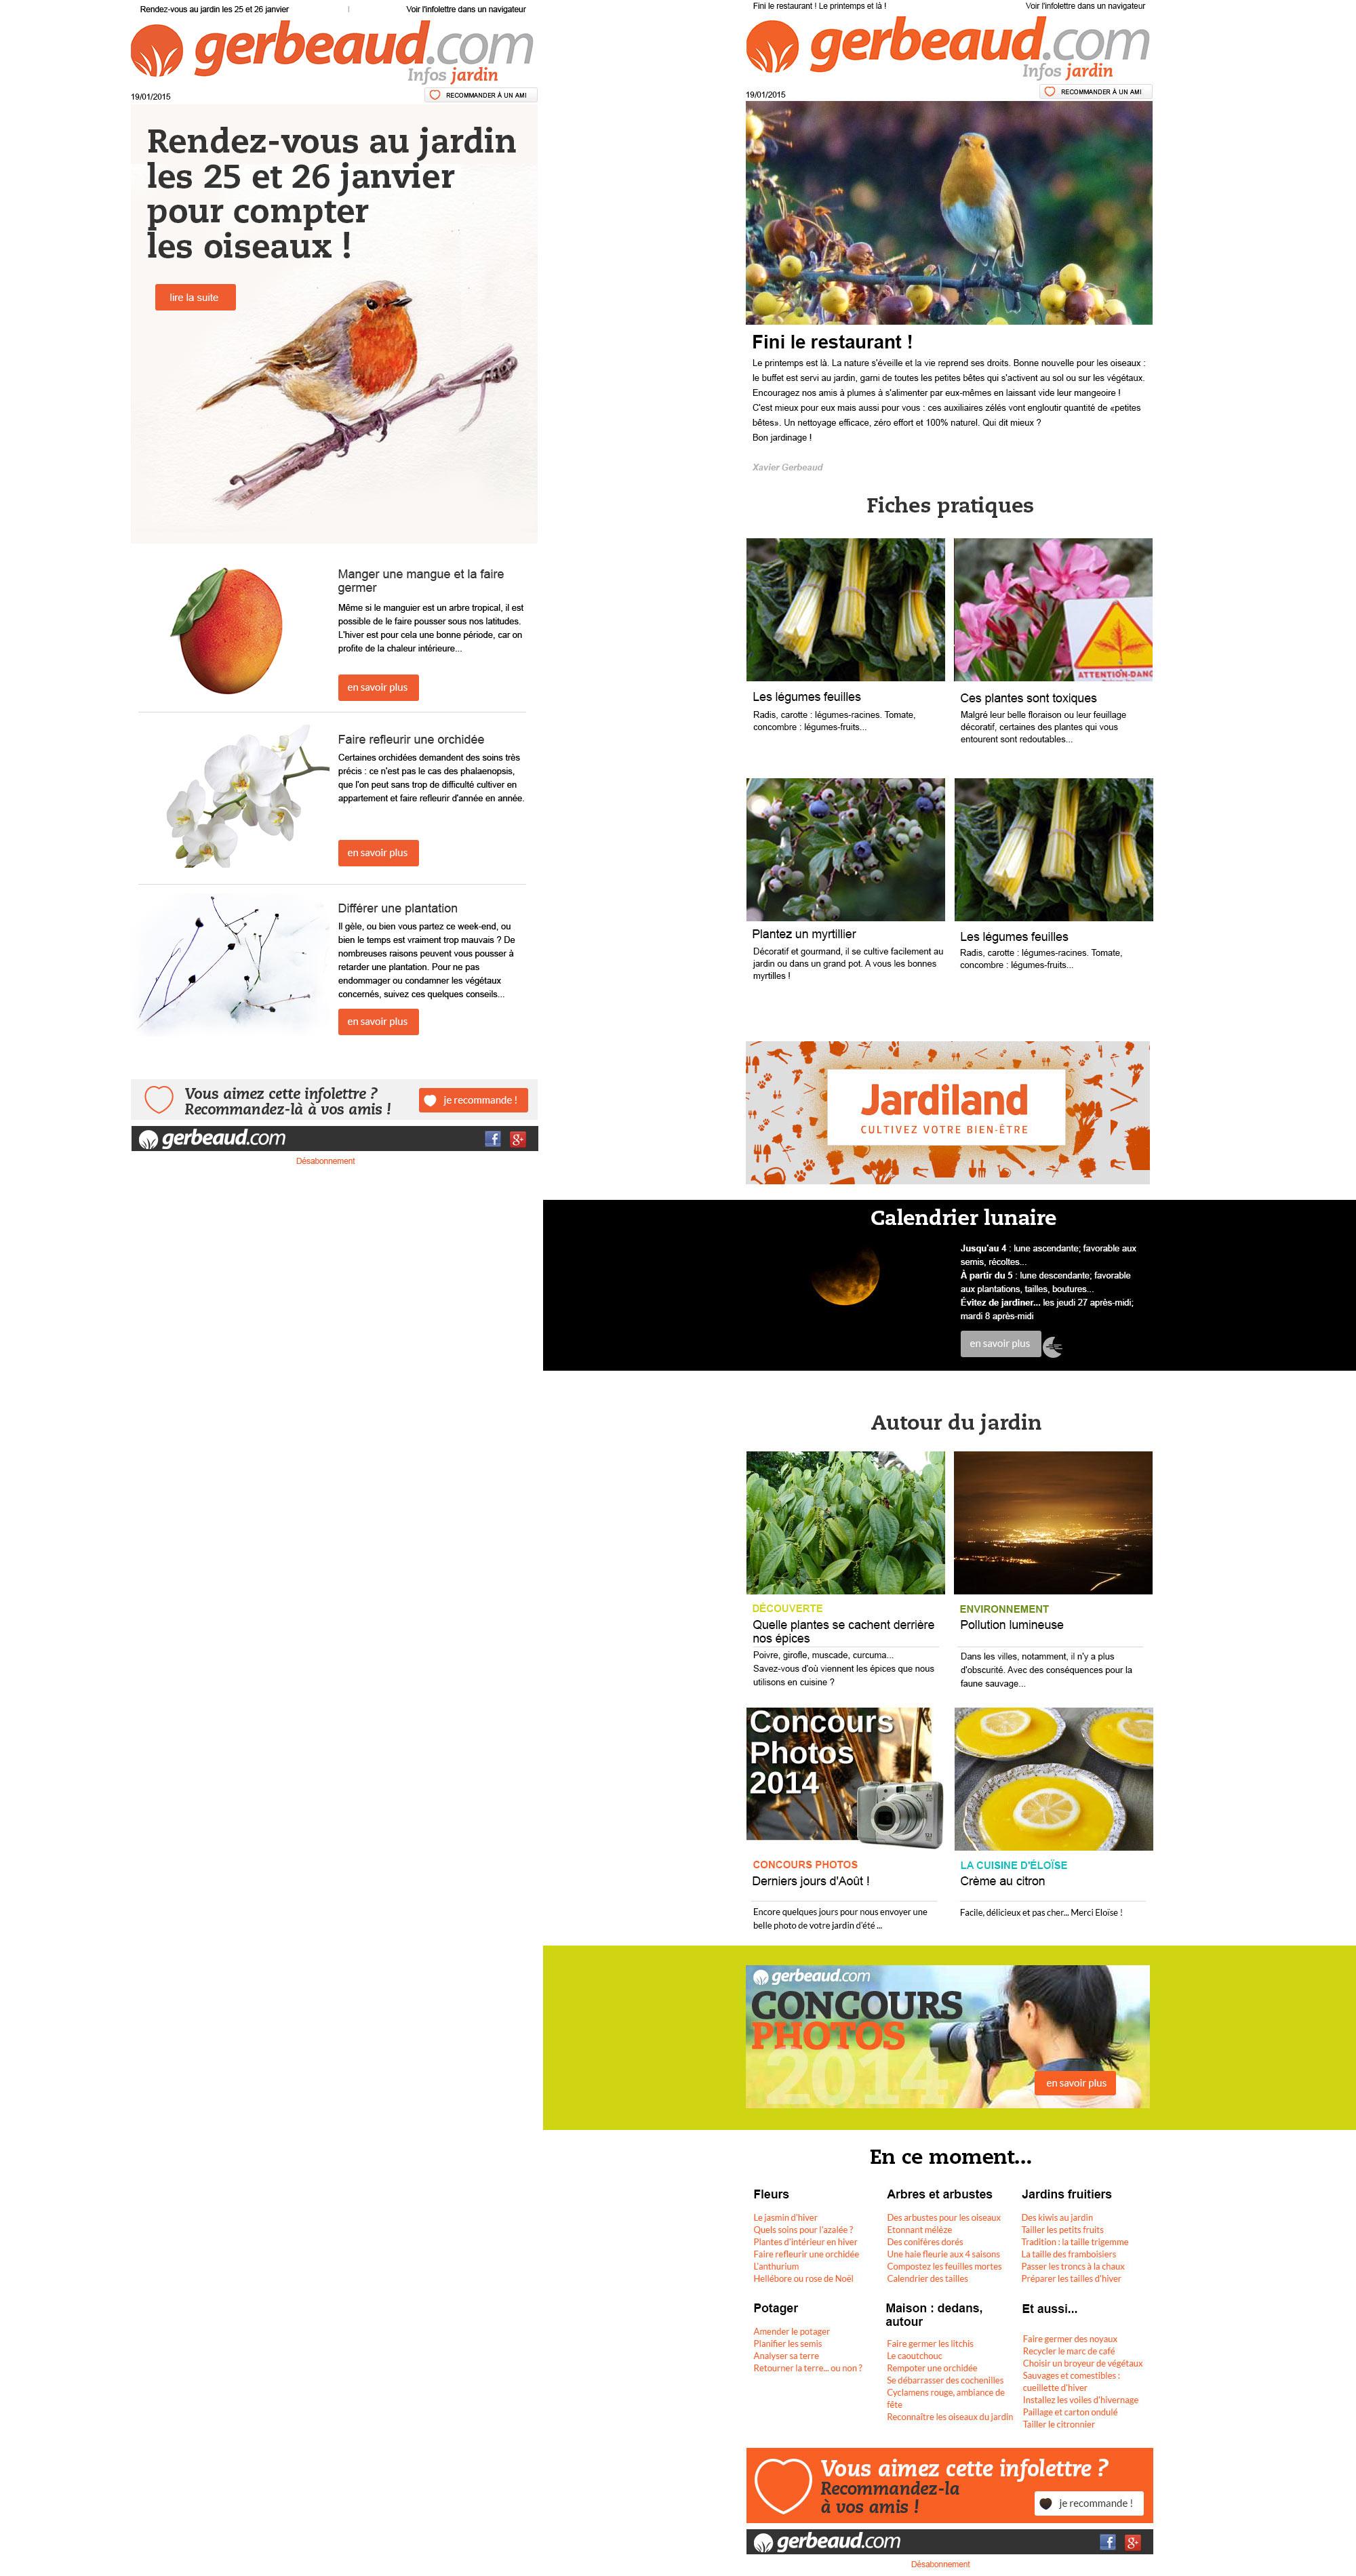 Gerbeaud.com : infolettres pour le site gerbeaud.com.